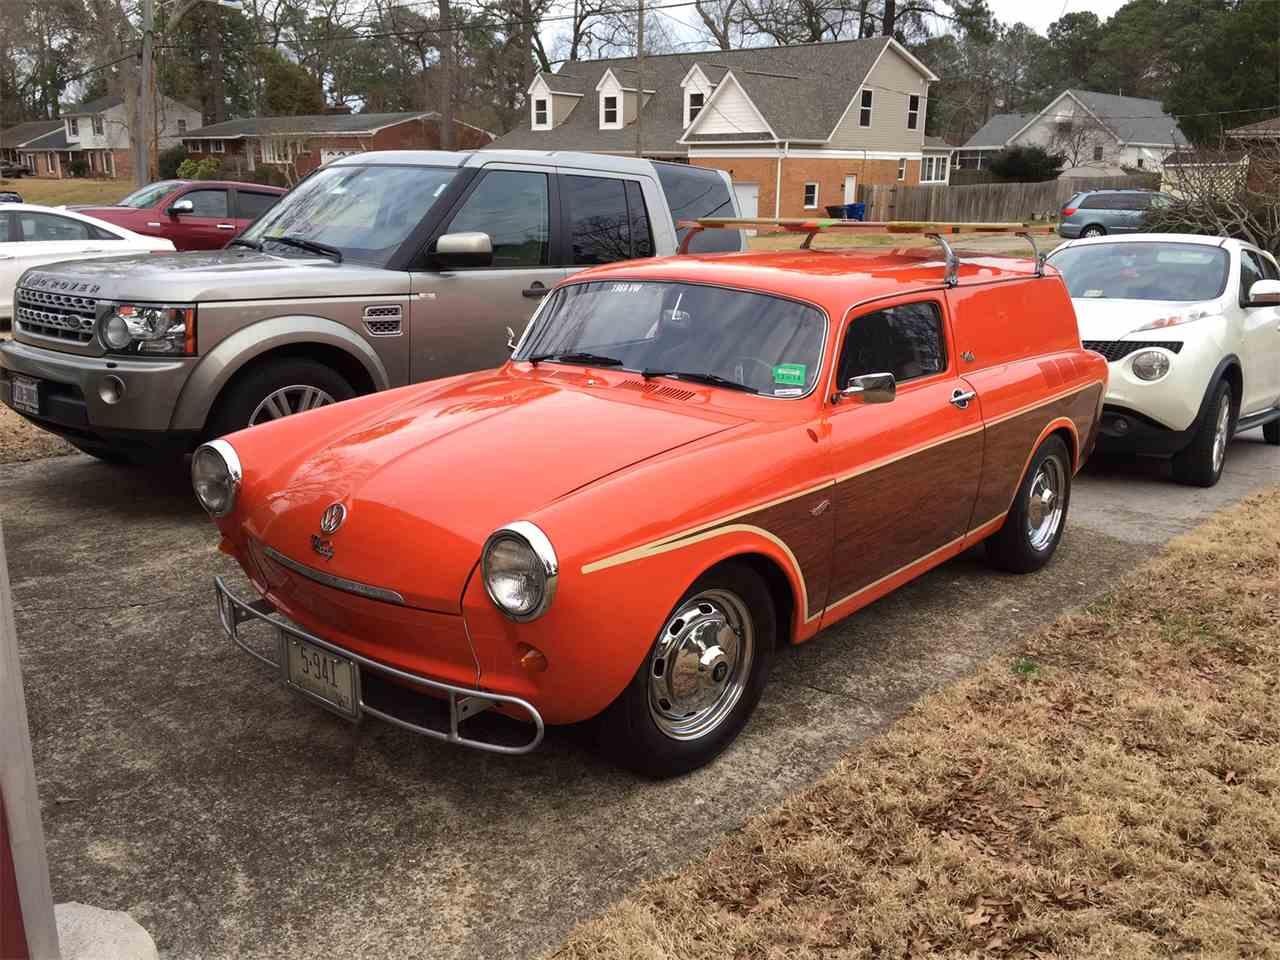 Cars For Sale On Craigslist In Virginia Beach